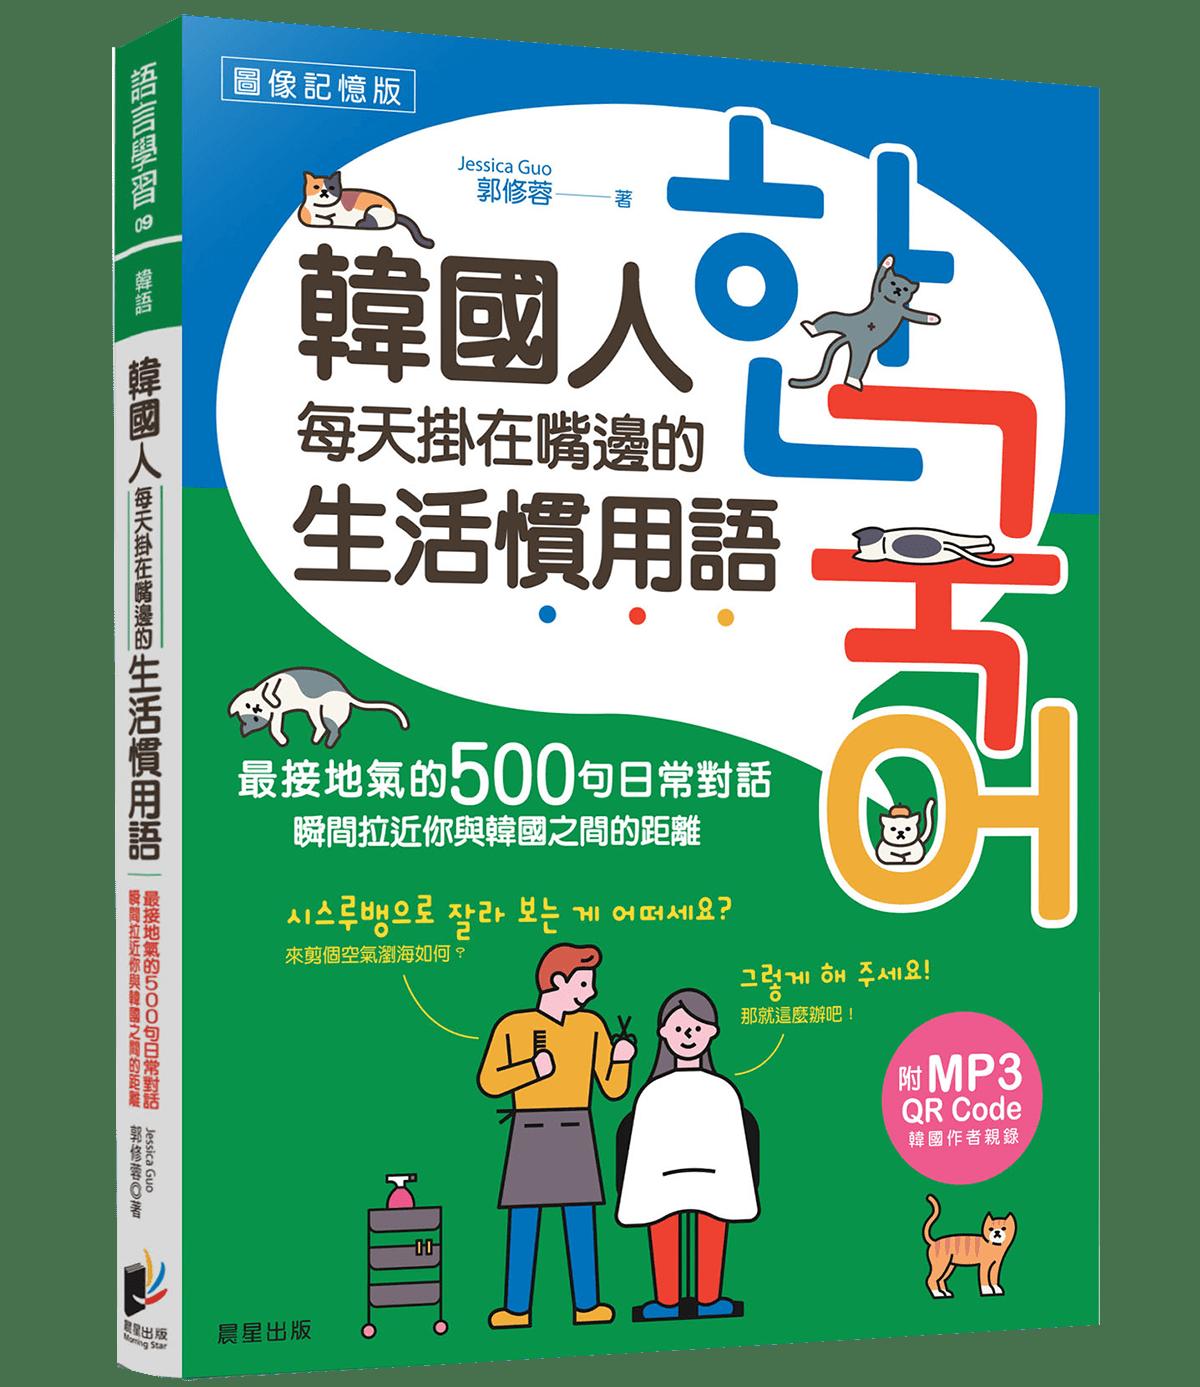 韓國人每天掛在嘴邊的生活慣用語-封面照